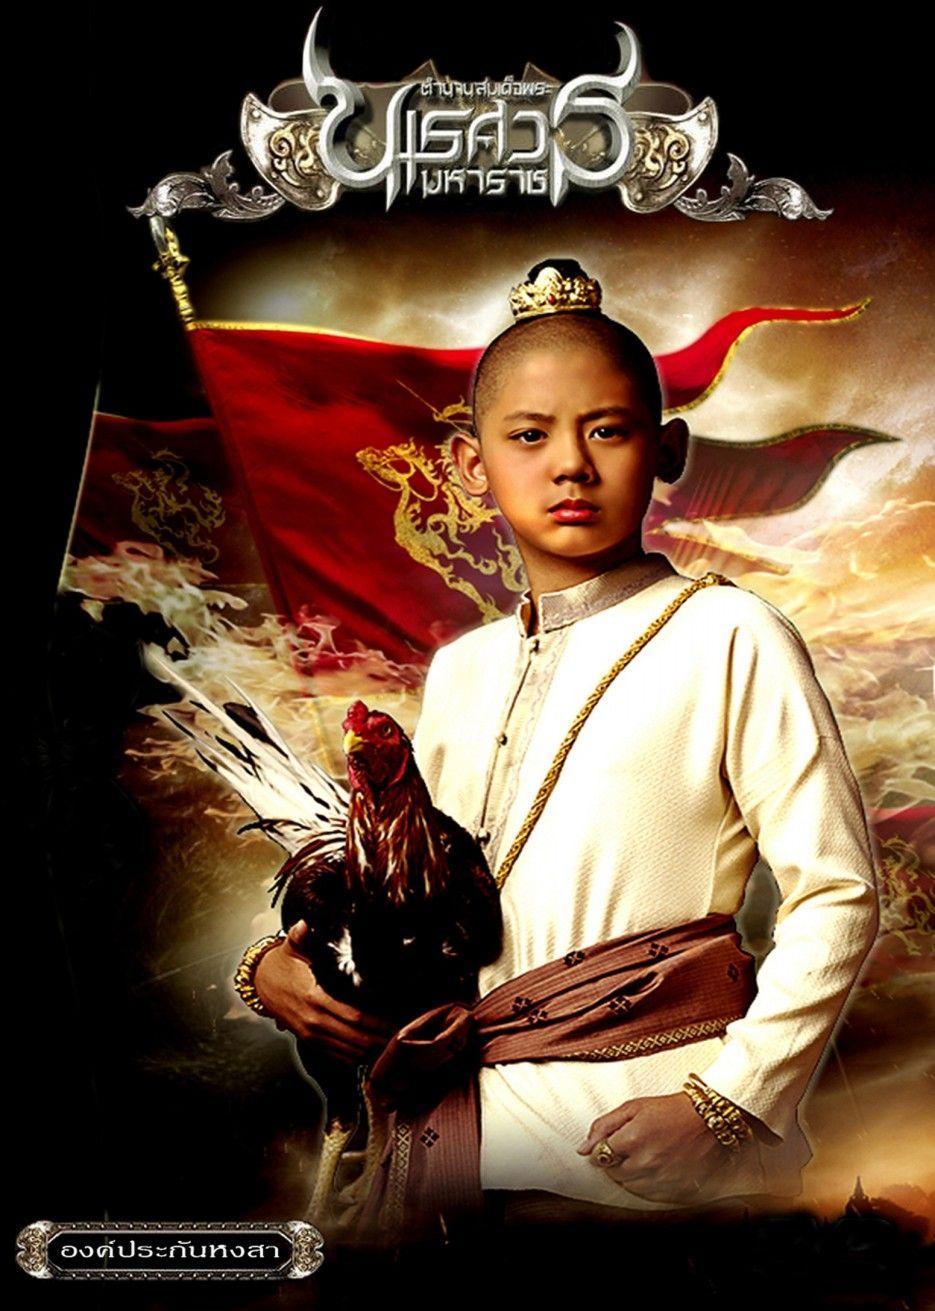 ดูหนังออนไลน์ฟรี King Naresuan 1 (2007) ตํานานสมเด็จพระนเรศวรมหาราช ภาค 1 องค์ประกันหงสา หนังเต็มเรื่อง หนังมาสเตอร์ ดูหนังHD ดูหนังออนไลน์ ดูหนังใหม่